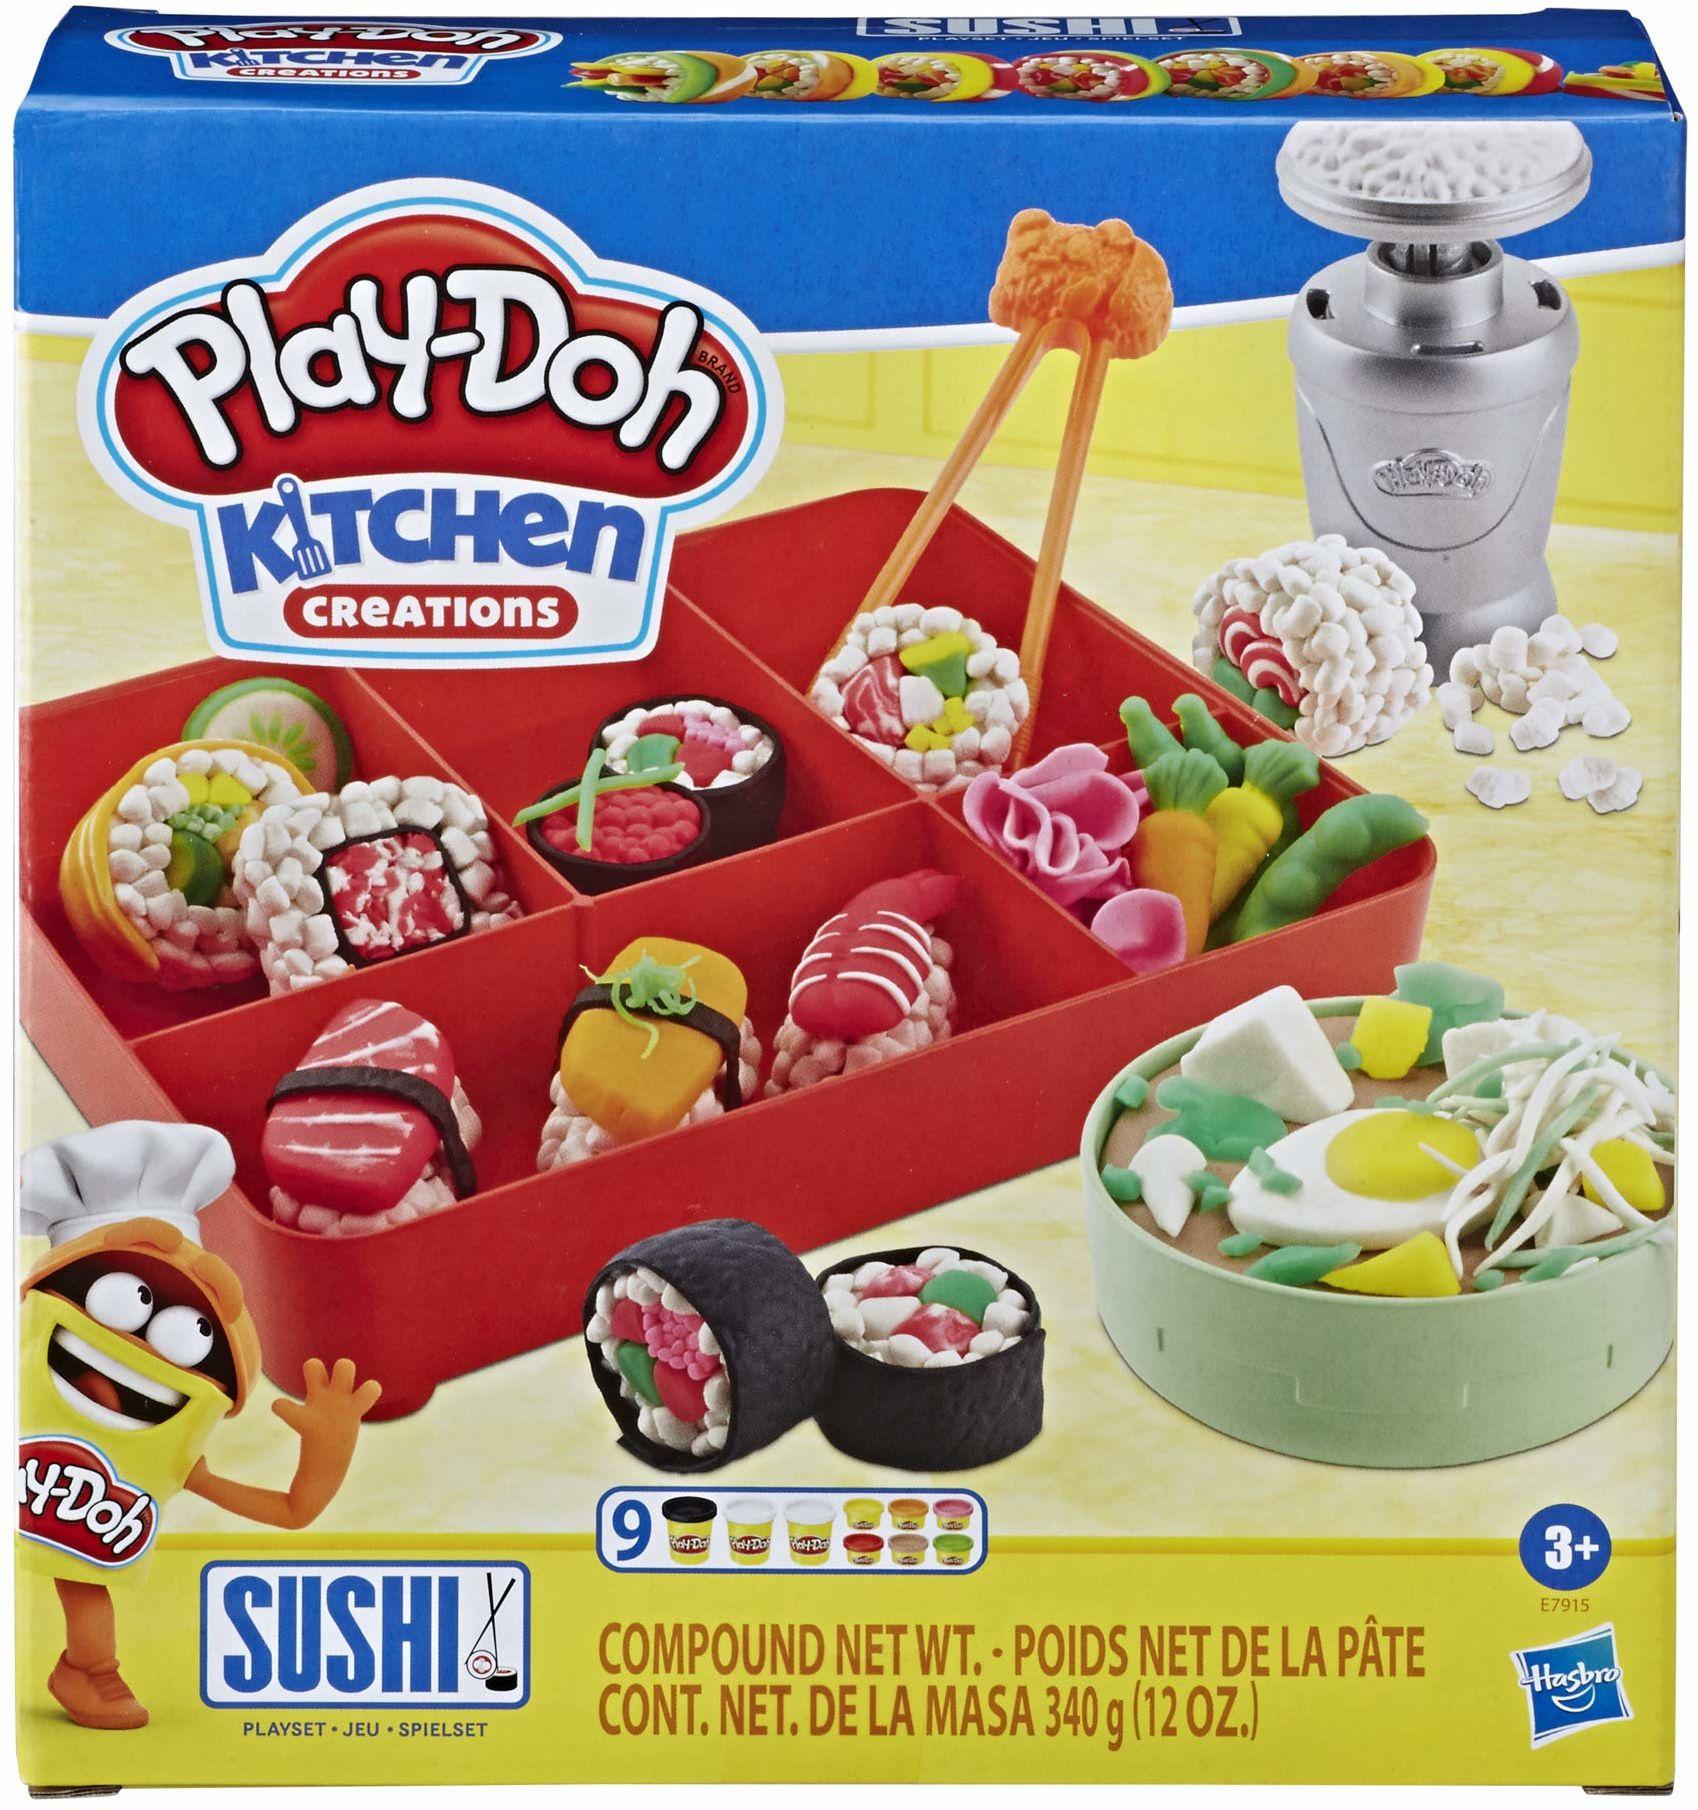 Zestaw do zabawy Kitchen Creations Play-Doh Sushi, dla dzieci w wieku od 3 lat, z pudełkiem bento, 9 tub z nietoksyczną ciastoliną Play-Doh